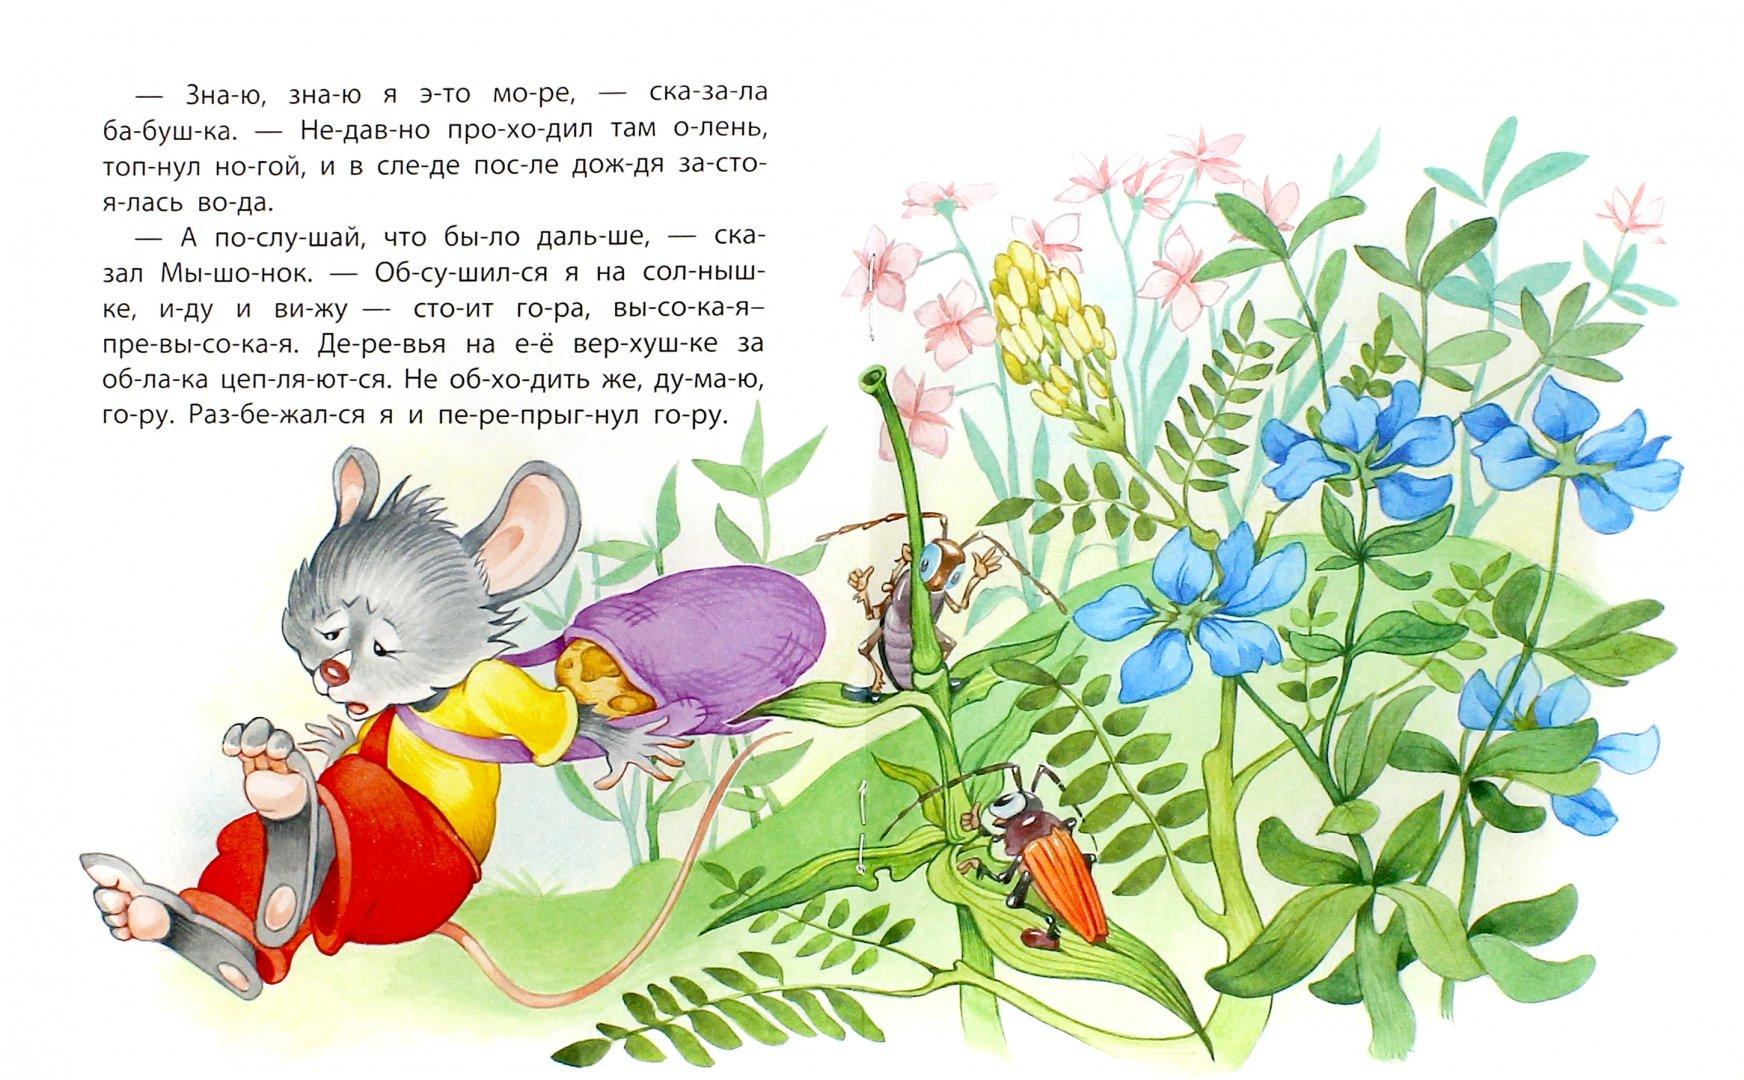 рассказ по картинкам как мышка представителем этого